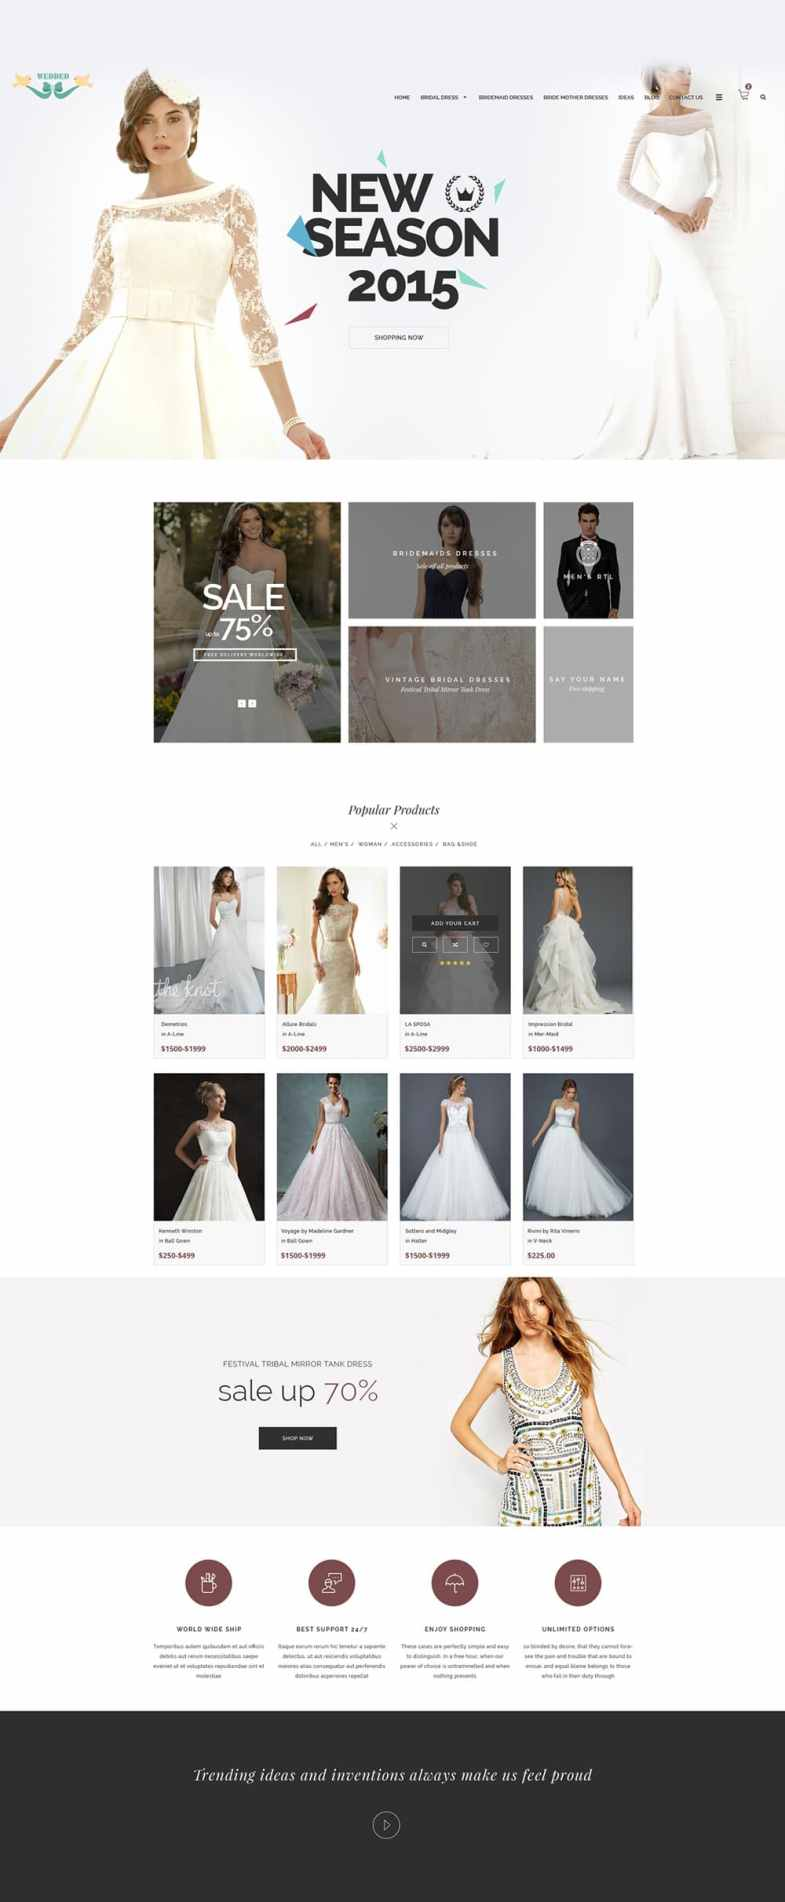 Wedding-Dresses Бесплатные шаблоны для интернет-магазина psd - Wedding Dresses - Бесплатные шаблоны для интернет-магазина PSD